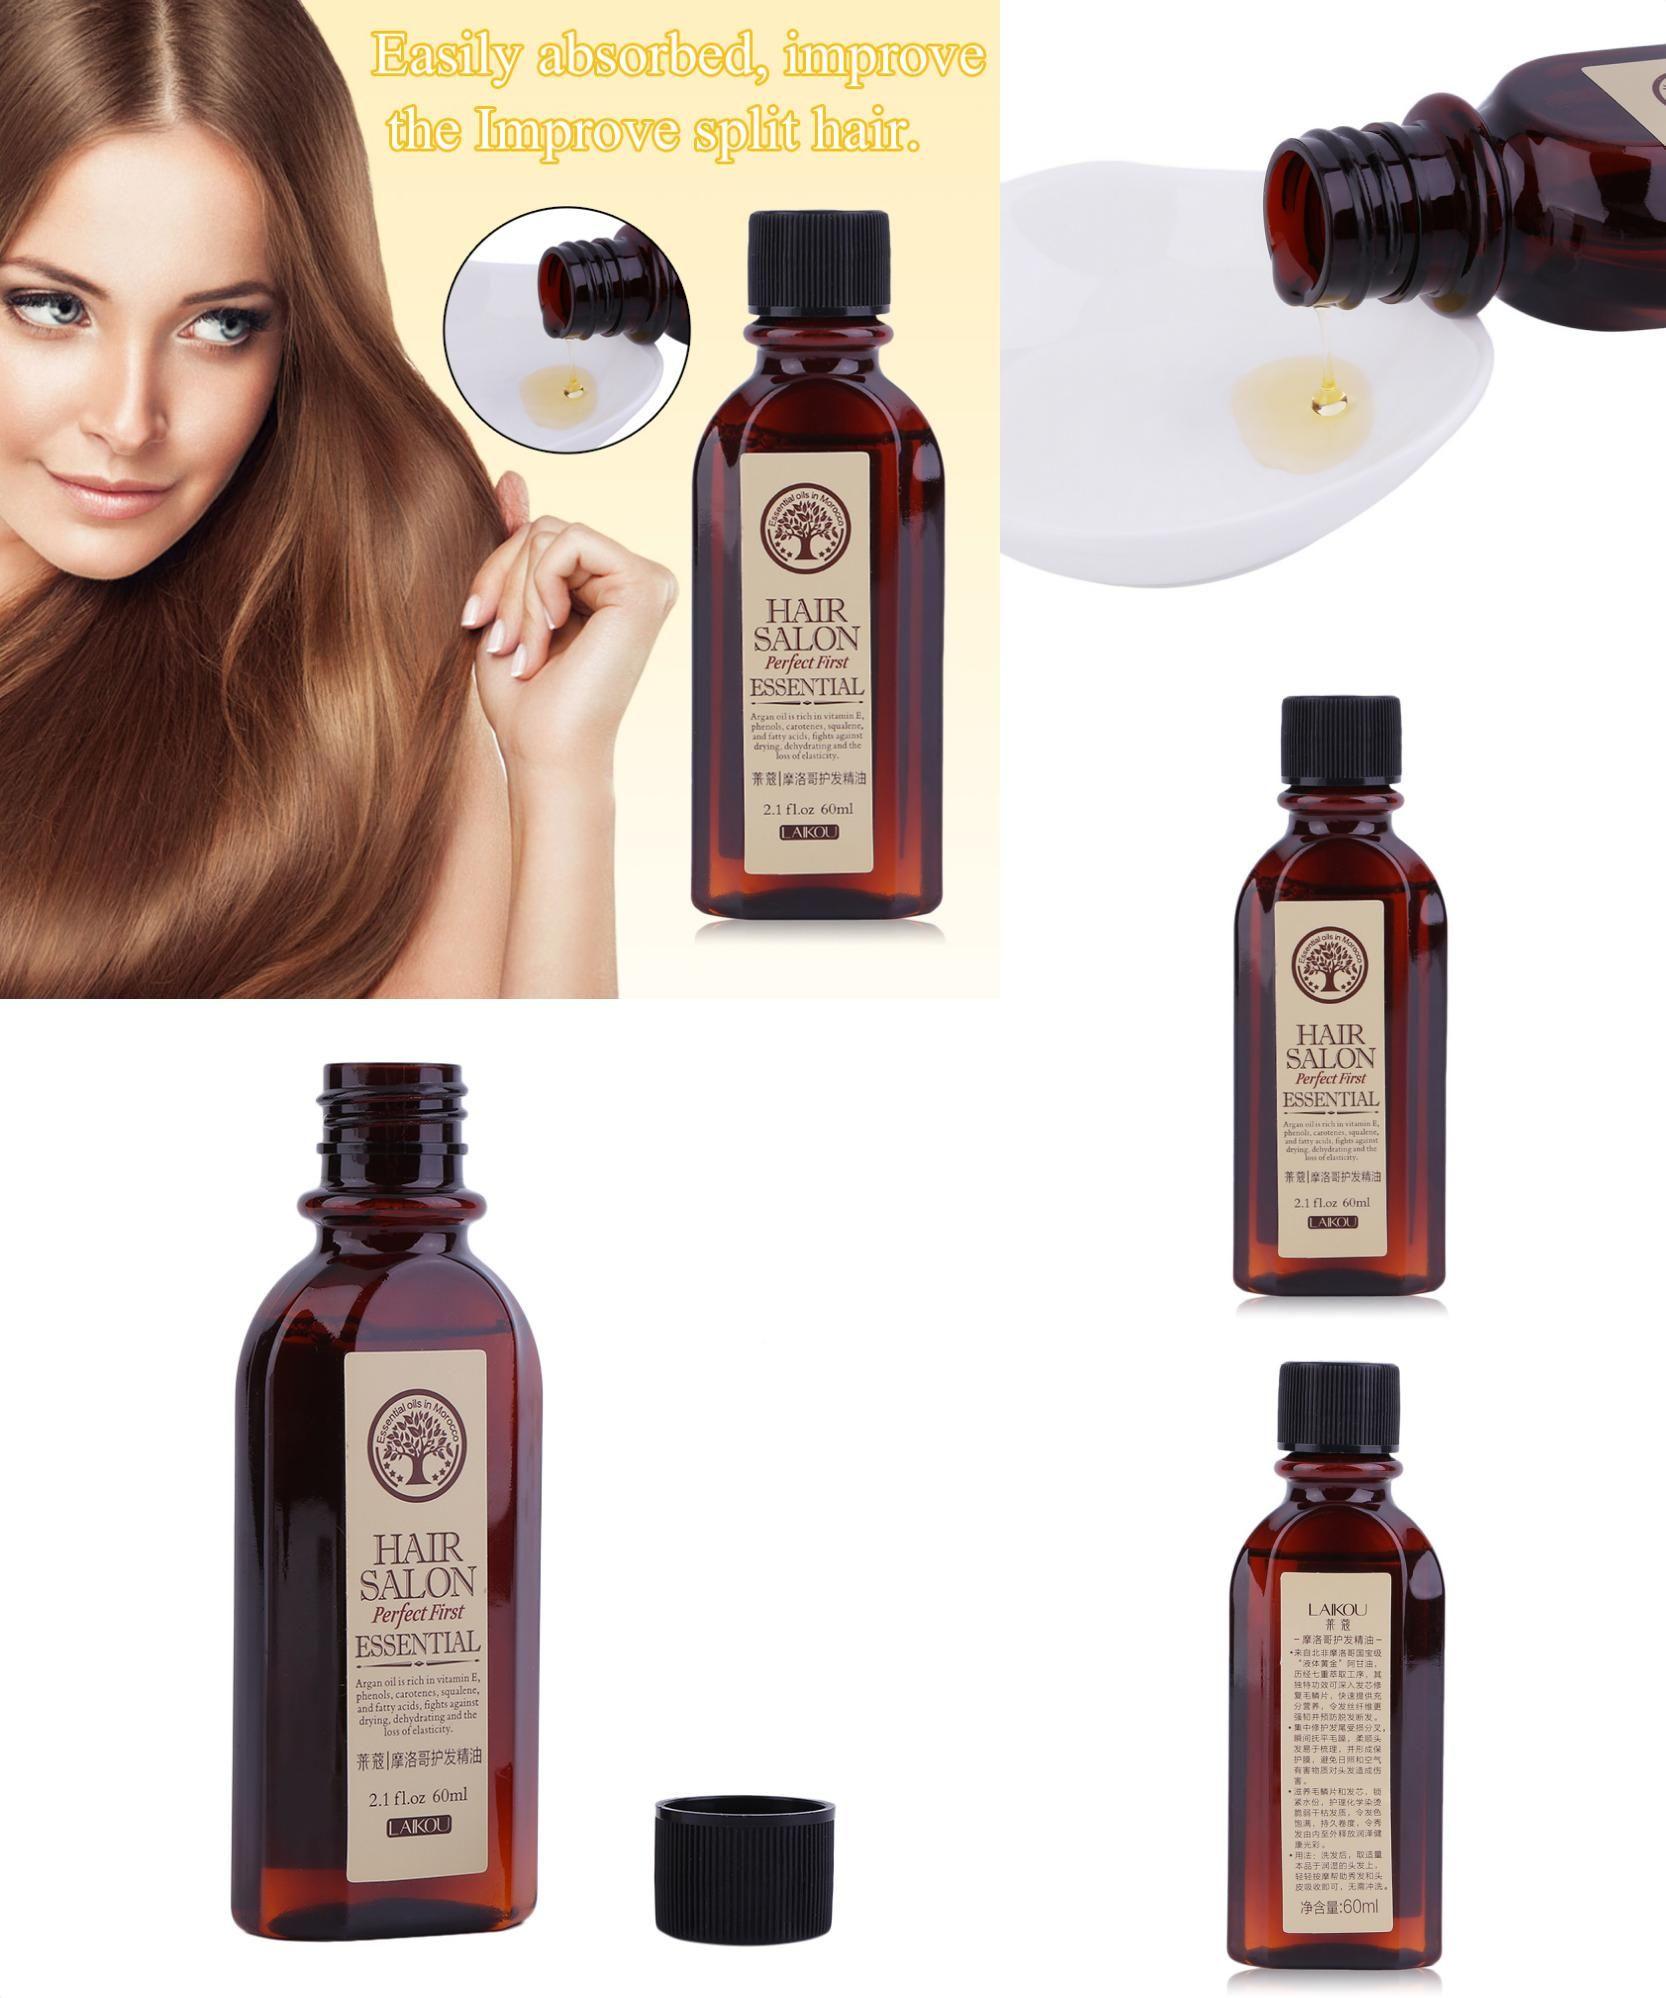 [Visit to Buy] 60ML LAIKOU Multifunctional Hair Care